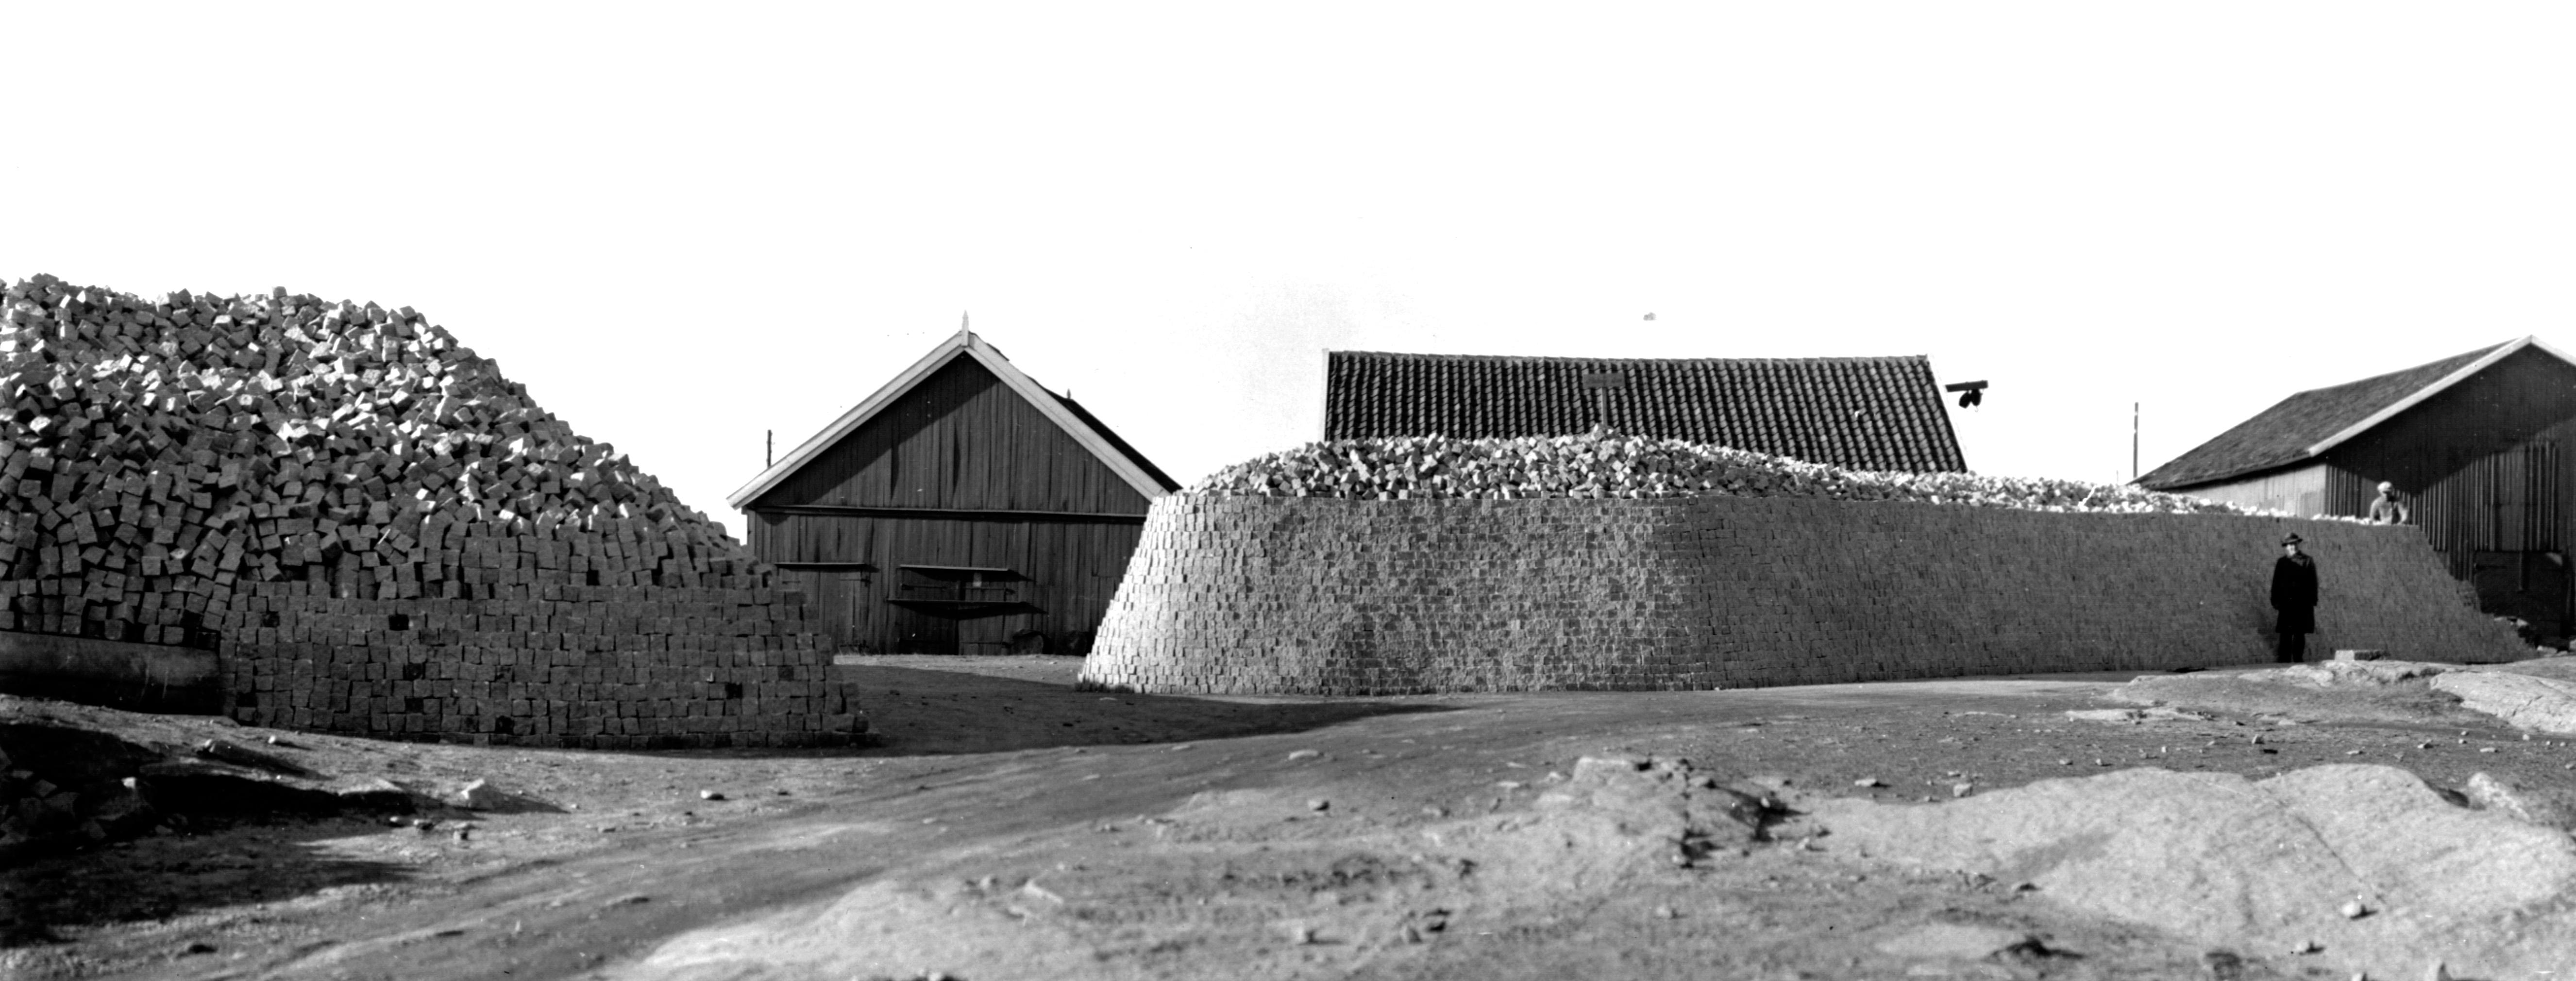 52 1930-talet - Statens upplag av smågatsten. Göta Källare ba